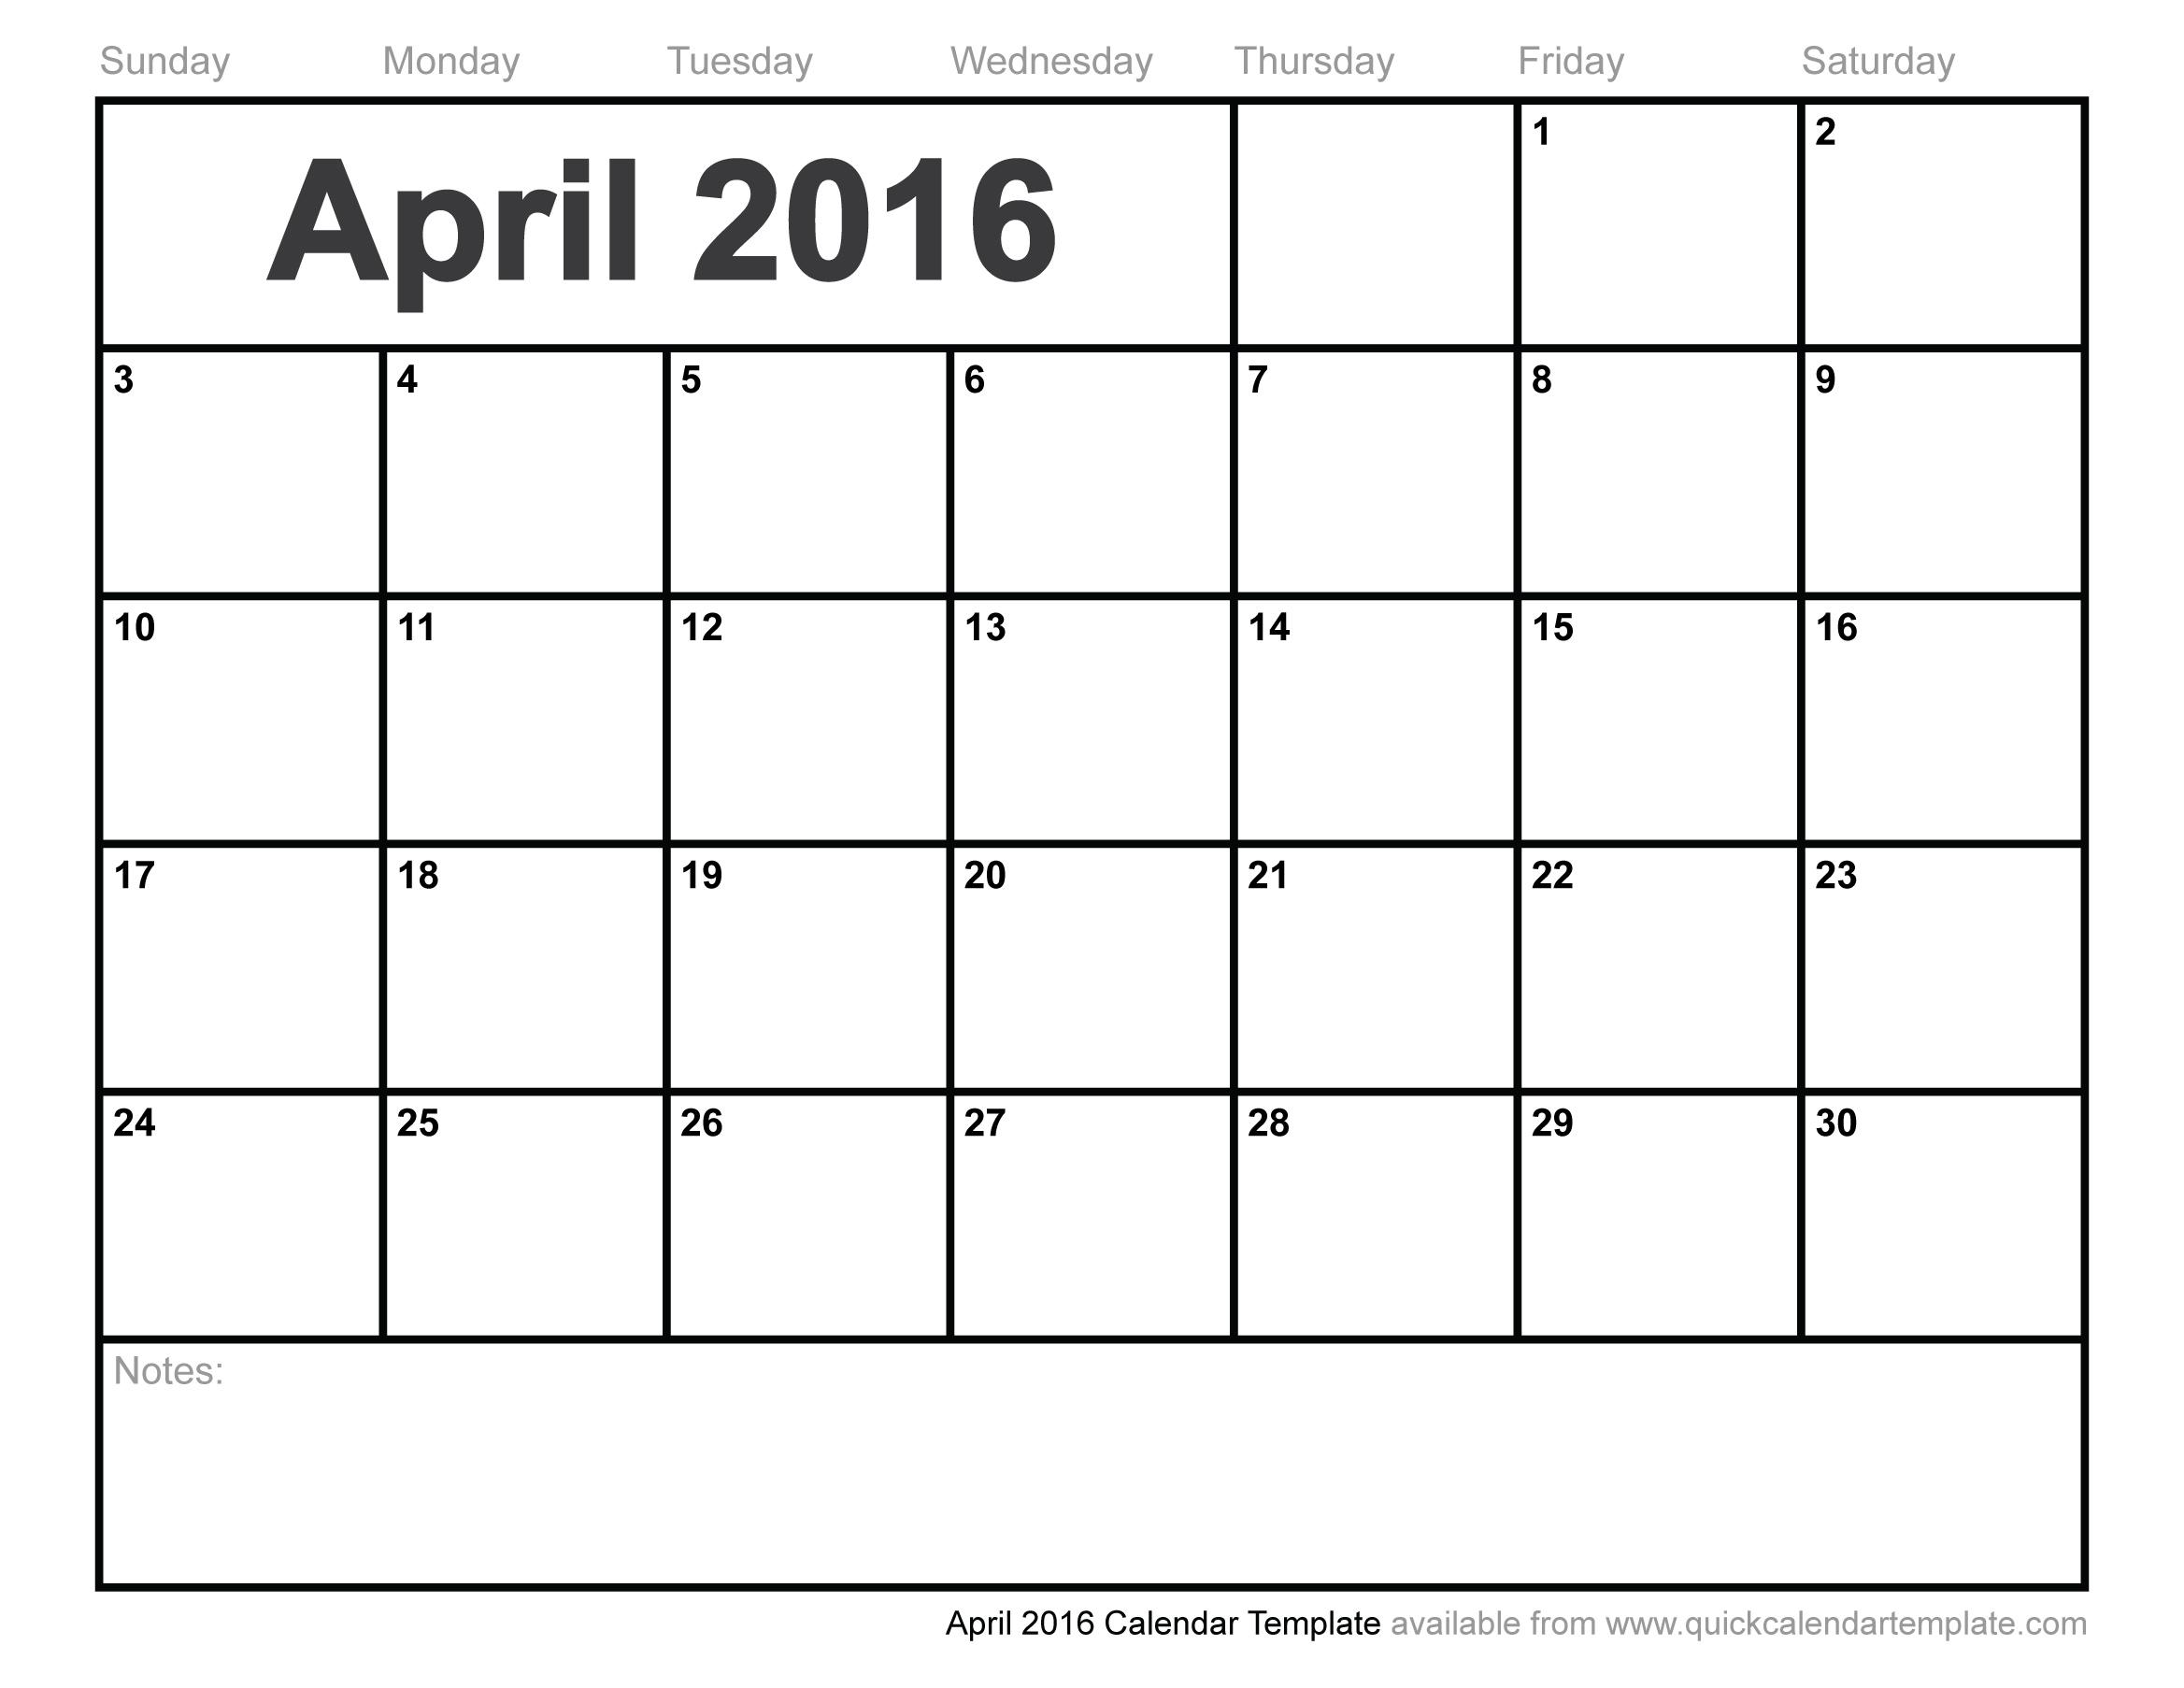 April 2016 clipart calendar picture stock April 2016 calendar with clipart - ClipartFest picture stock